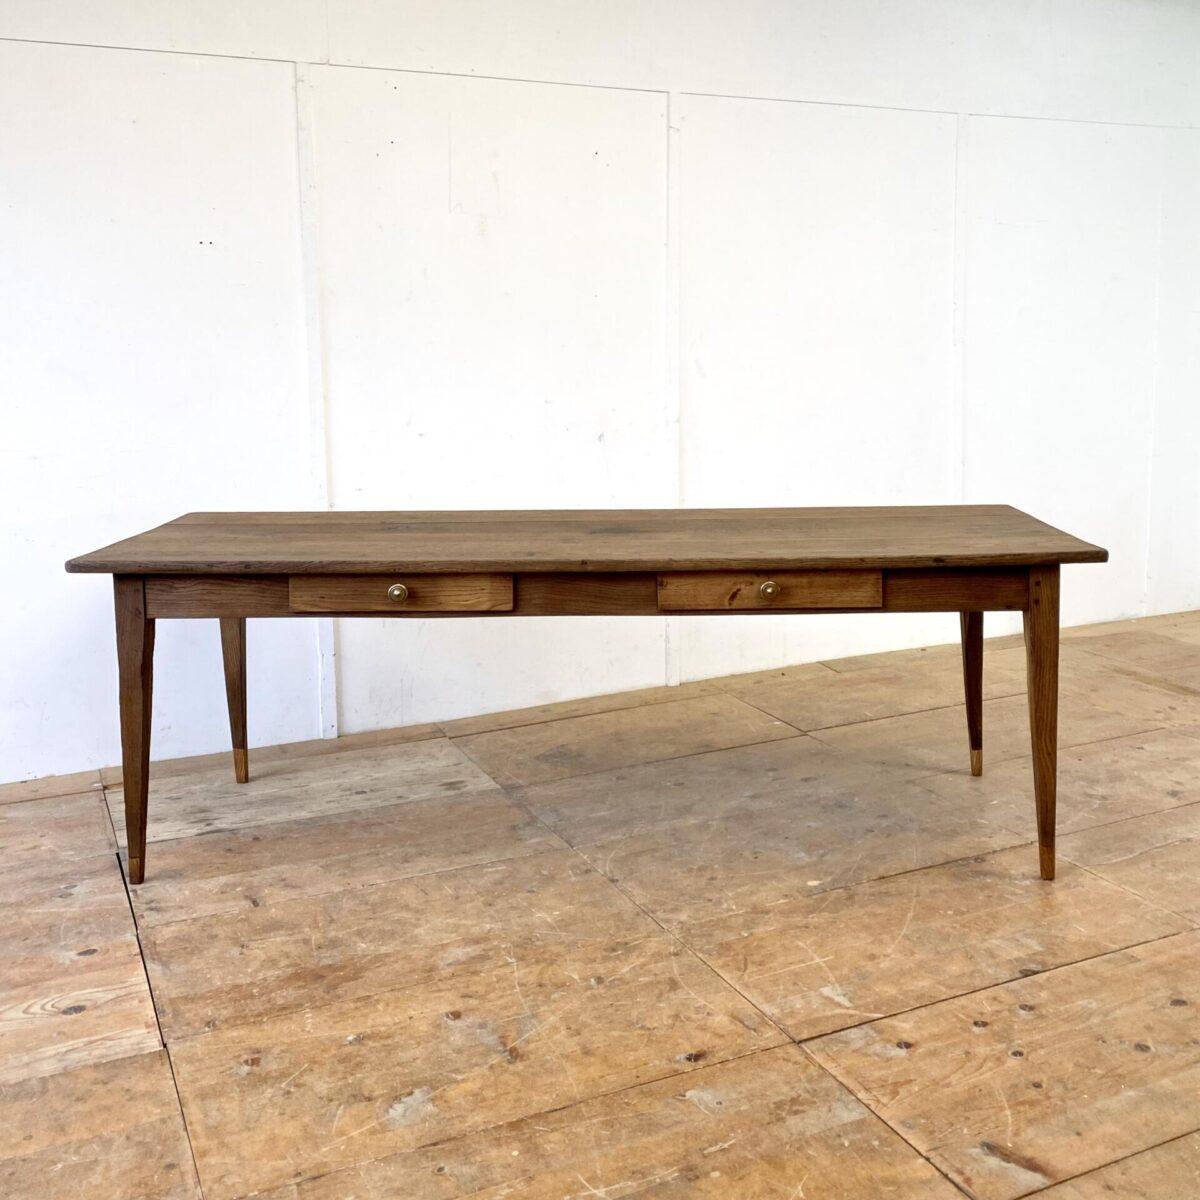 Biedermeier Tisch aus Eiche mit zwei Schubladen. 230x81cm Höhe 76cm. Der Esstisch hat diverse Risse und leicht offene Fugen, ist aber alles in stabilem Zustand. Bei den Beinen wurde mal bisschen angesetzt. Die Holzoberflächen sind mit Naturöl behandelt. Der Tisch bietet Platz für bis zu 10 Personen.